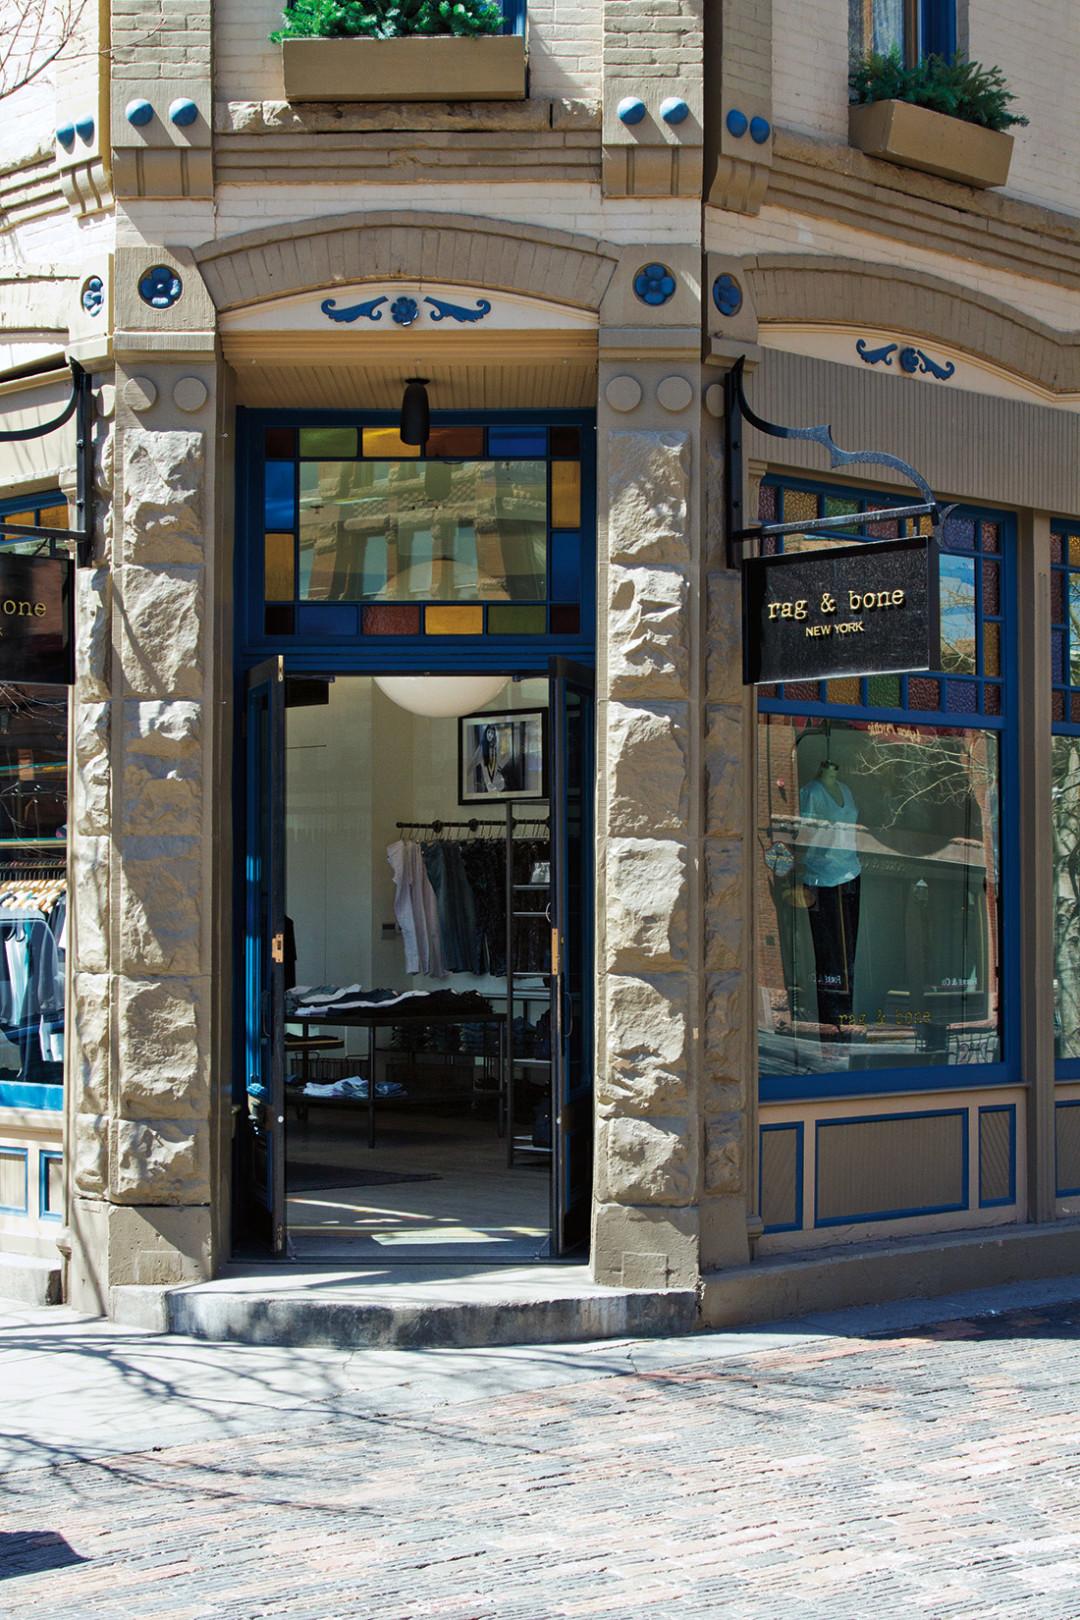 0514 shoppers delight rag bone eazbwv